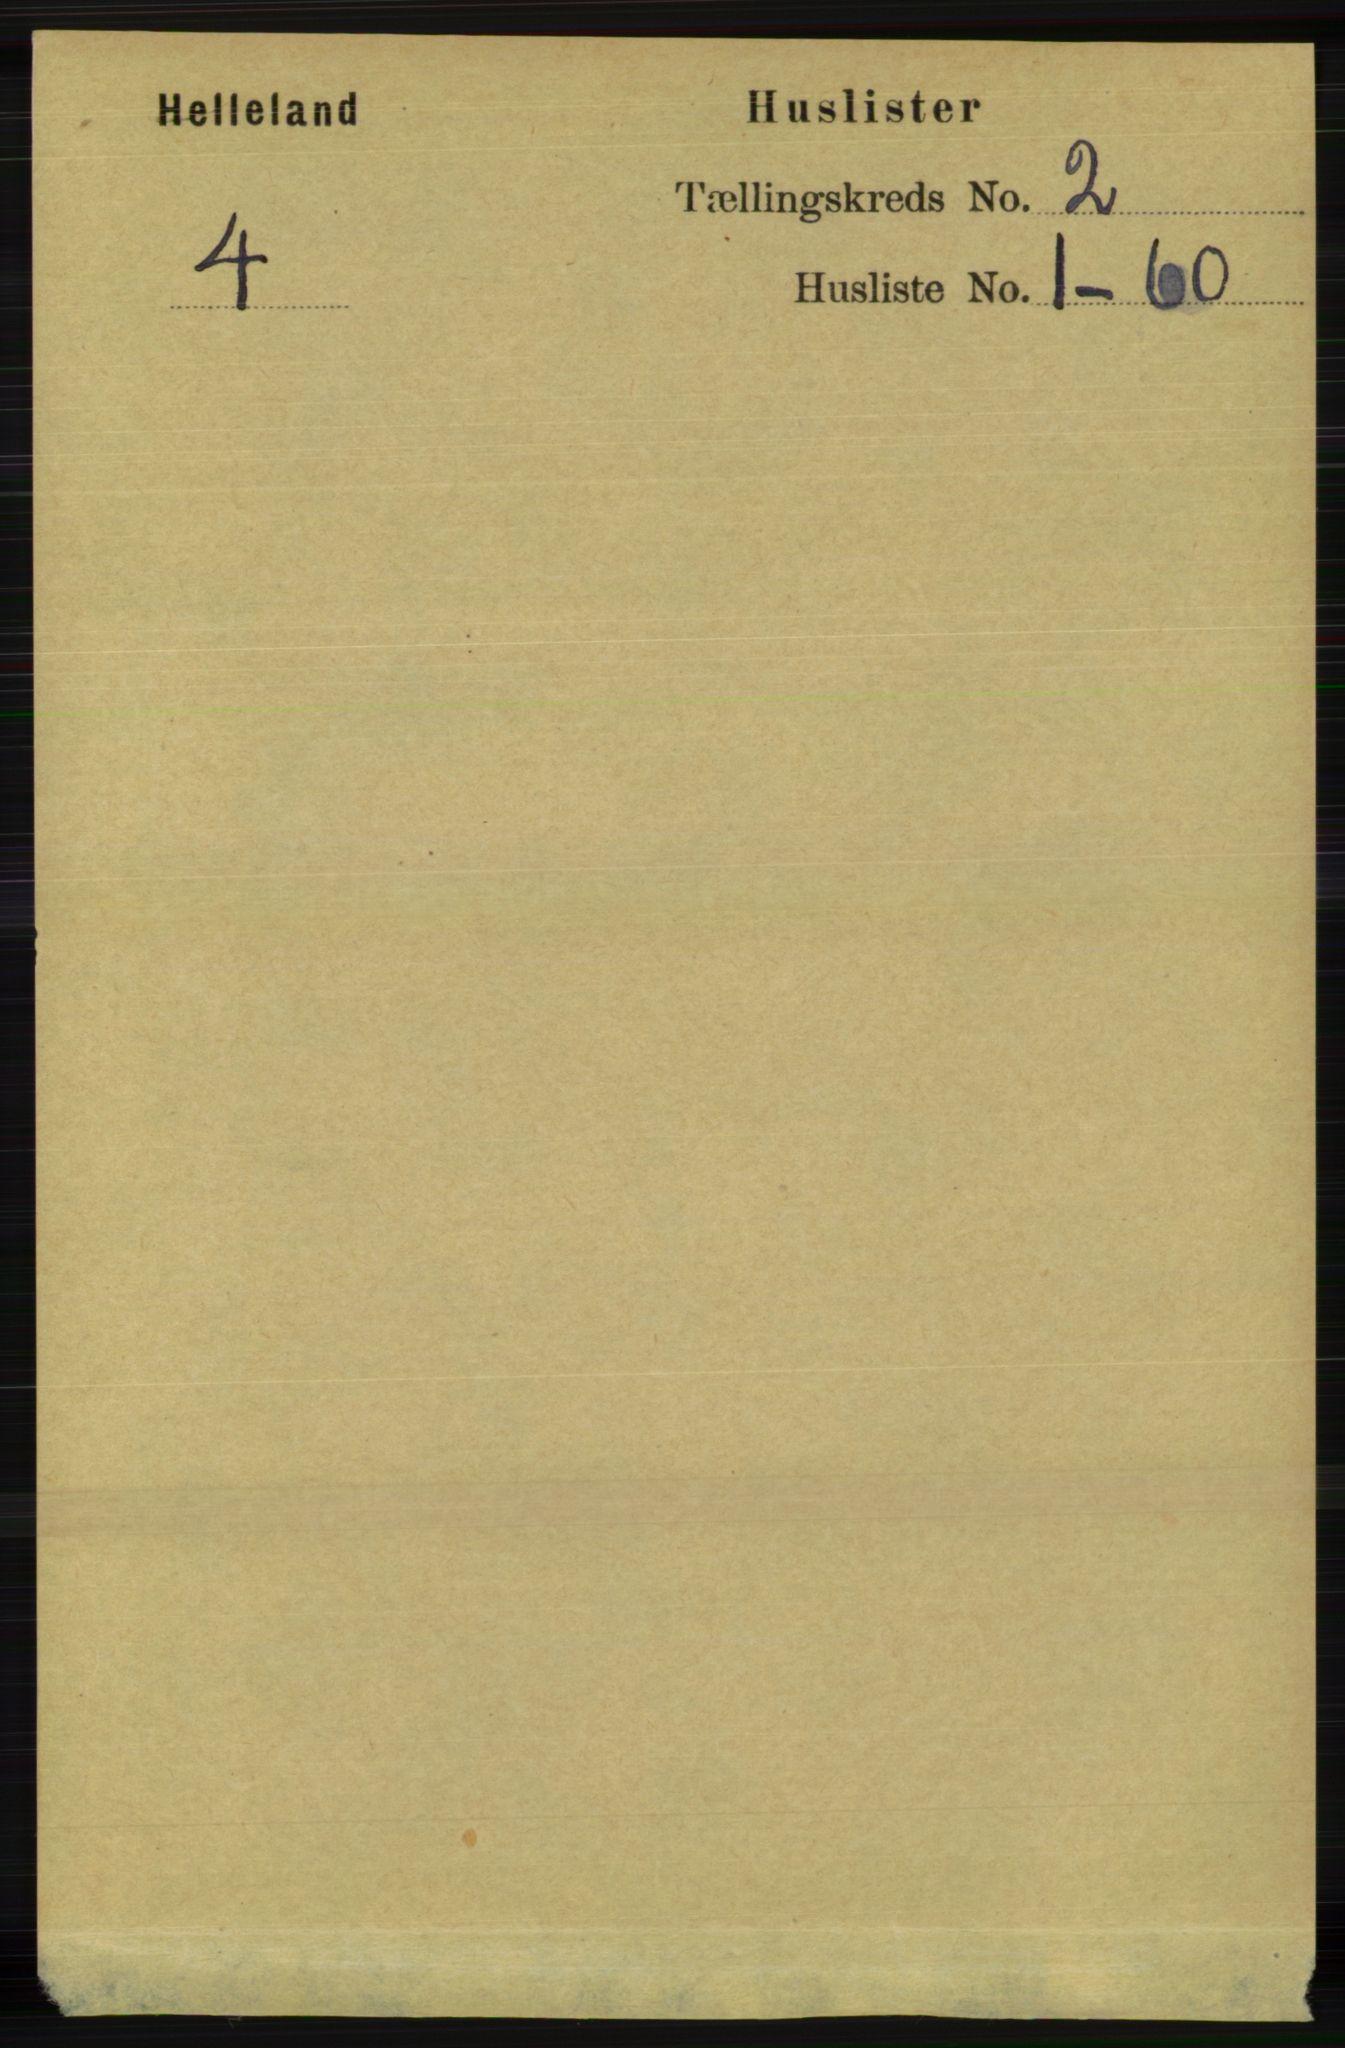 RA, Folketelling 1891 for 1115 Helleland herred, 1891, s. 370